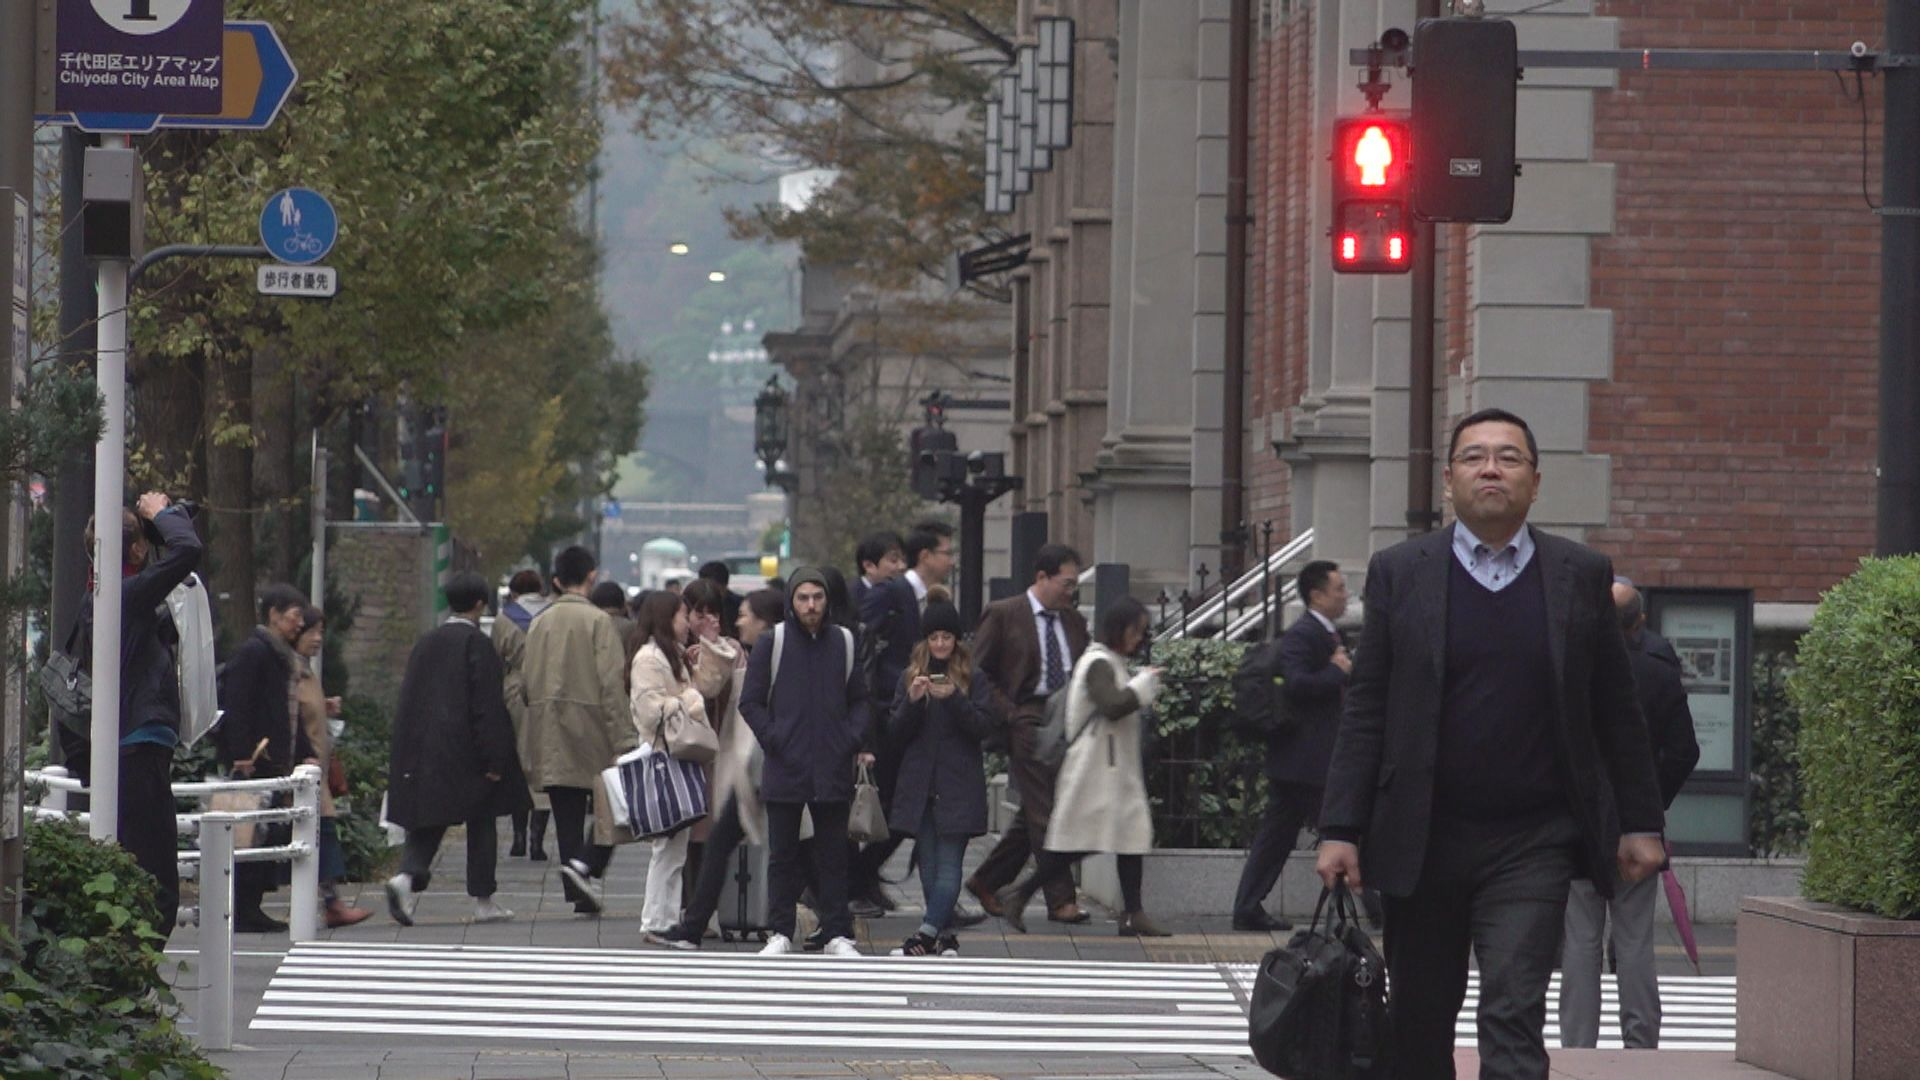 東京男患者確診前曾赴印尼